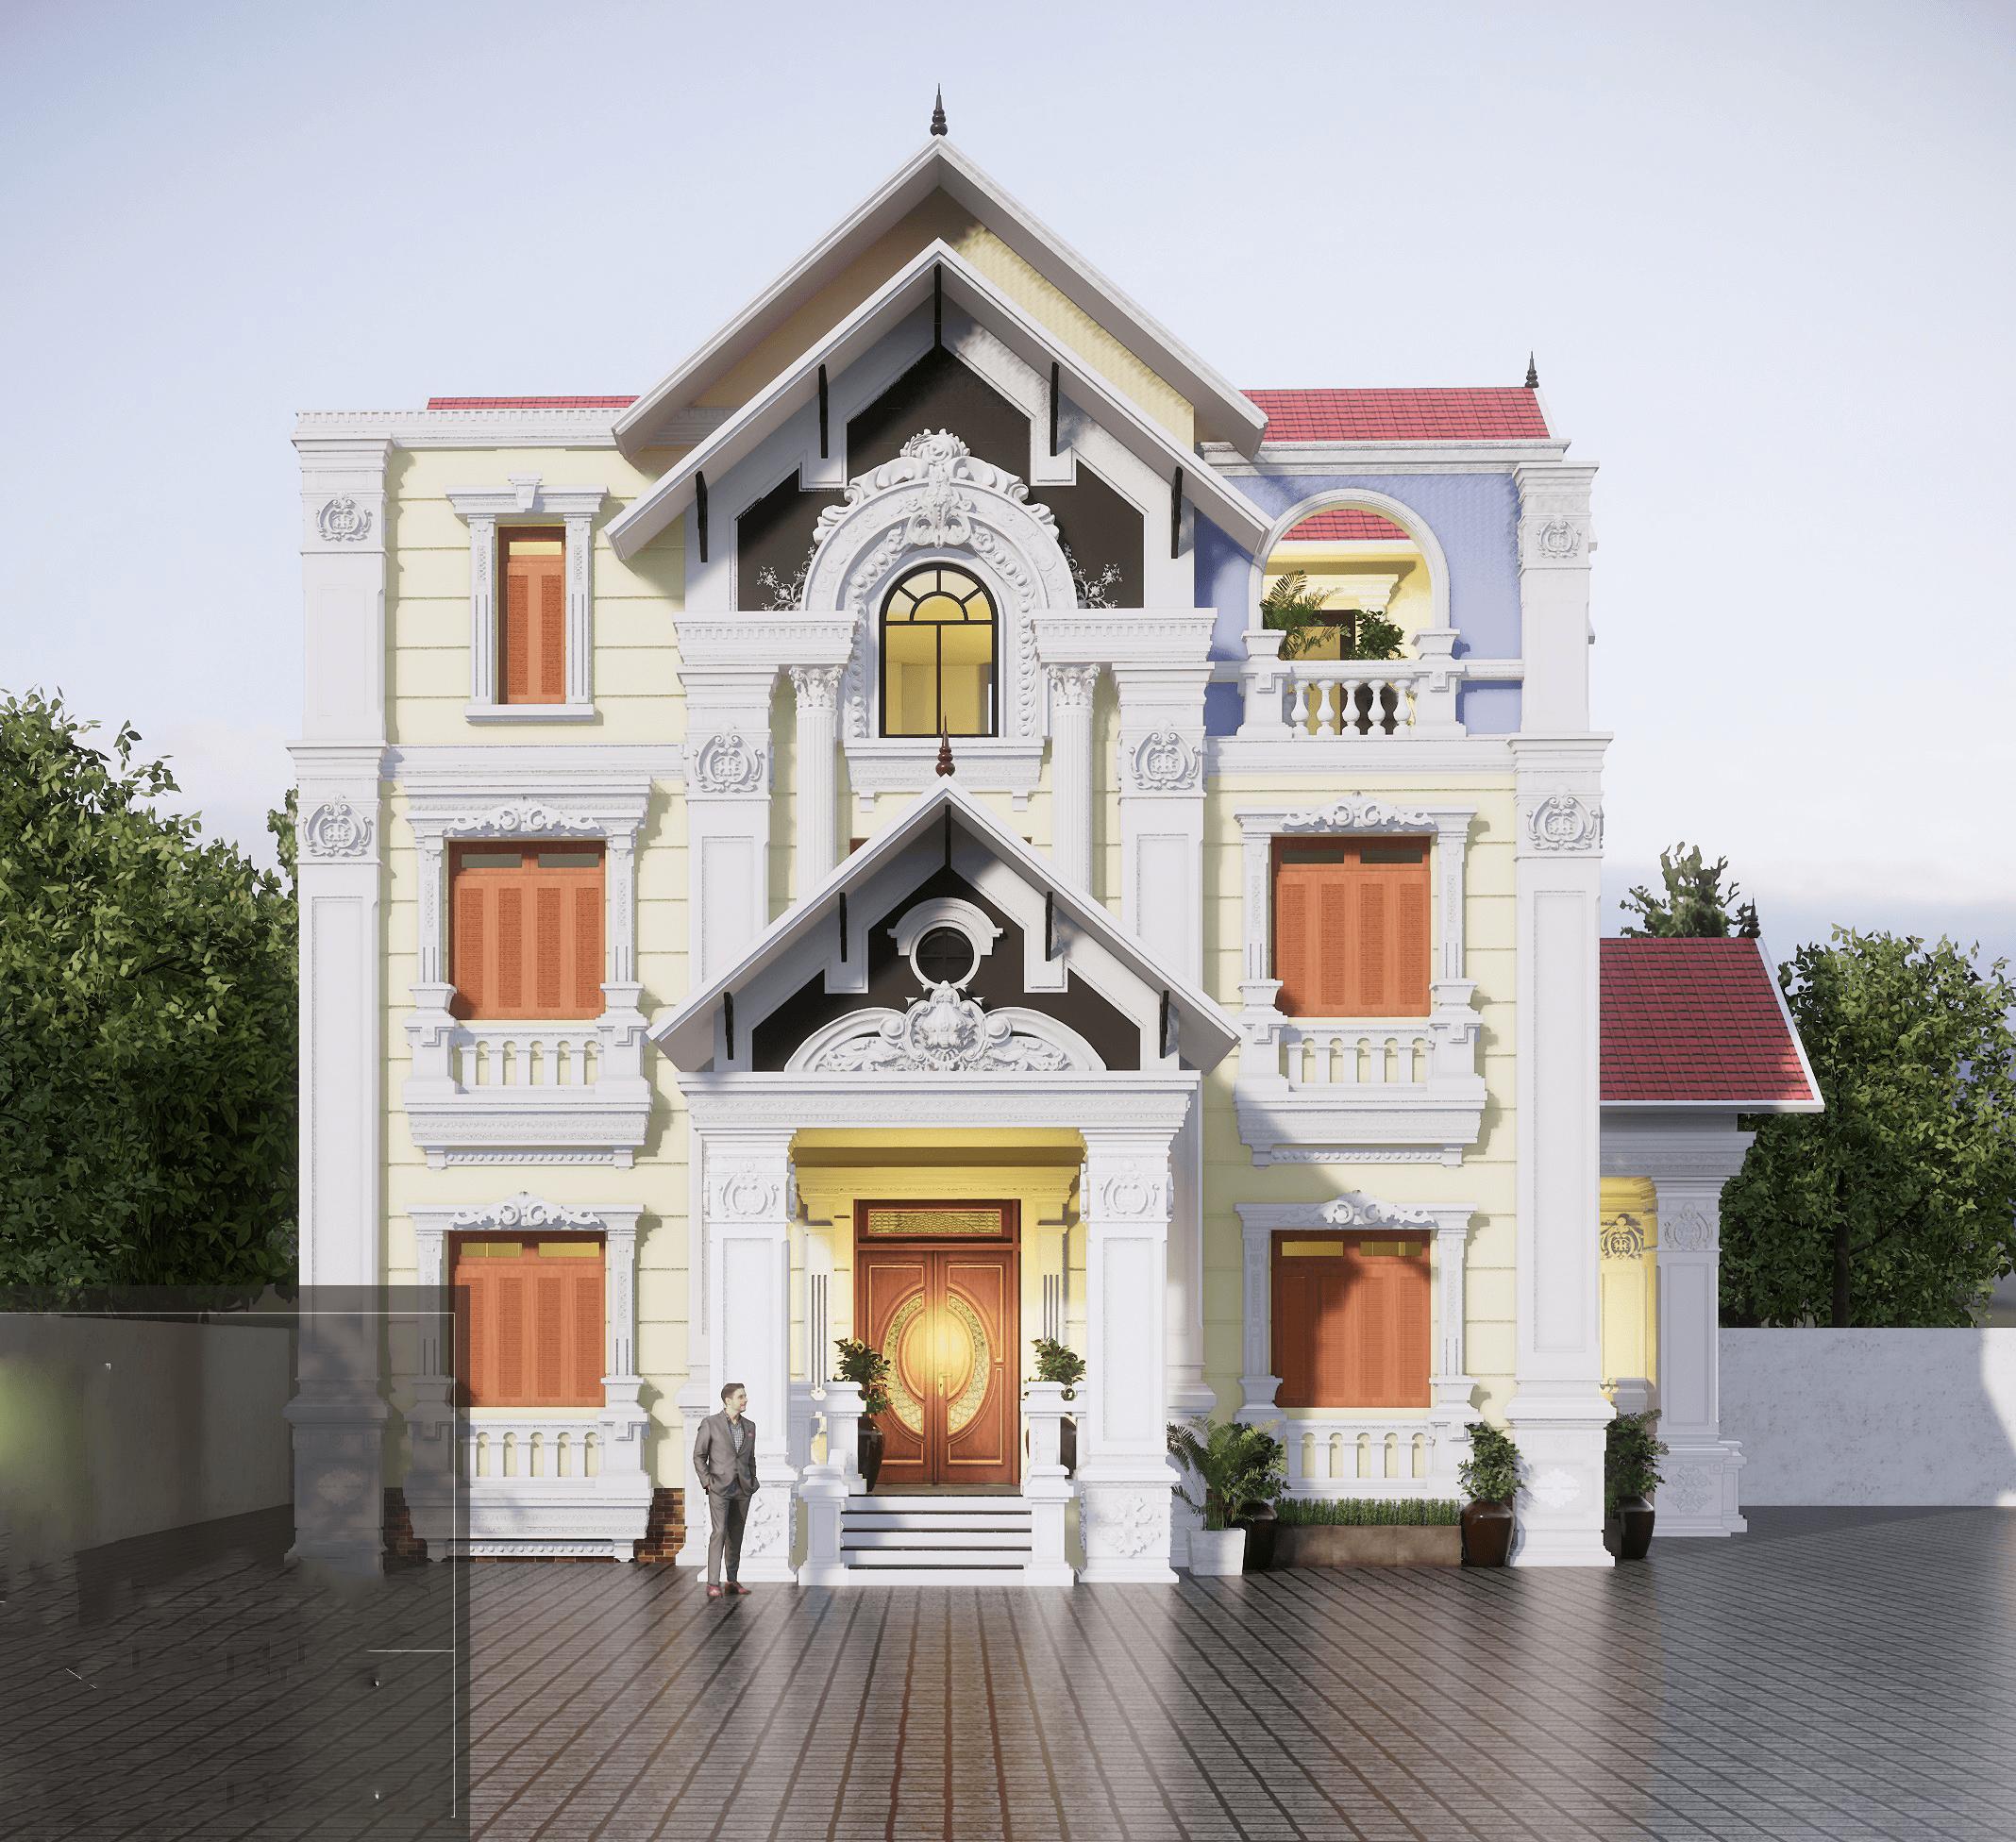 biệt thự 3 tầng 11x14m phong cách cổ điển 4